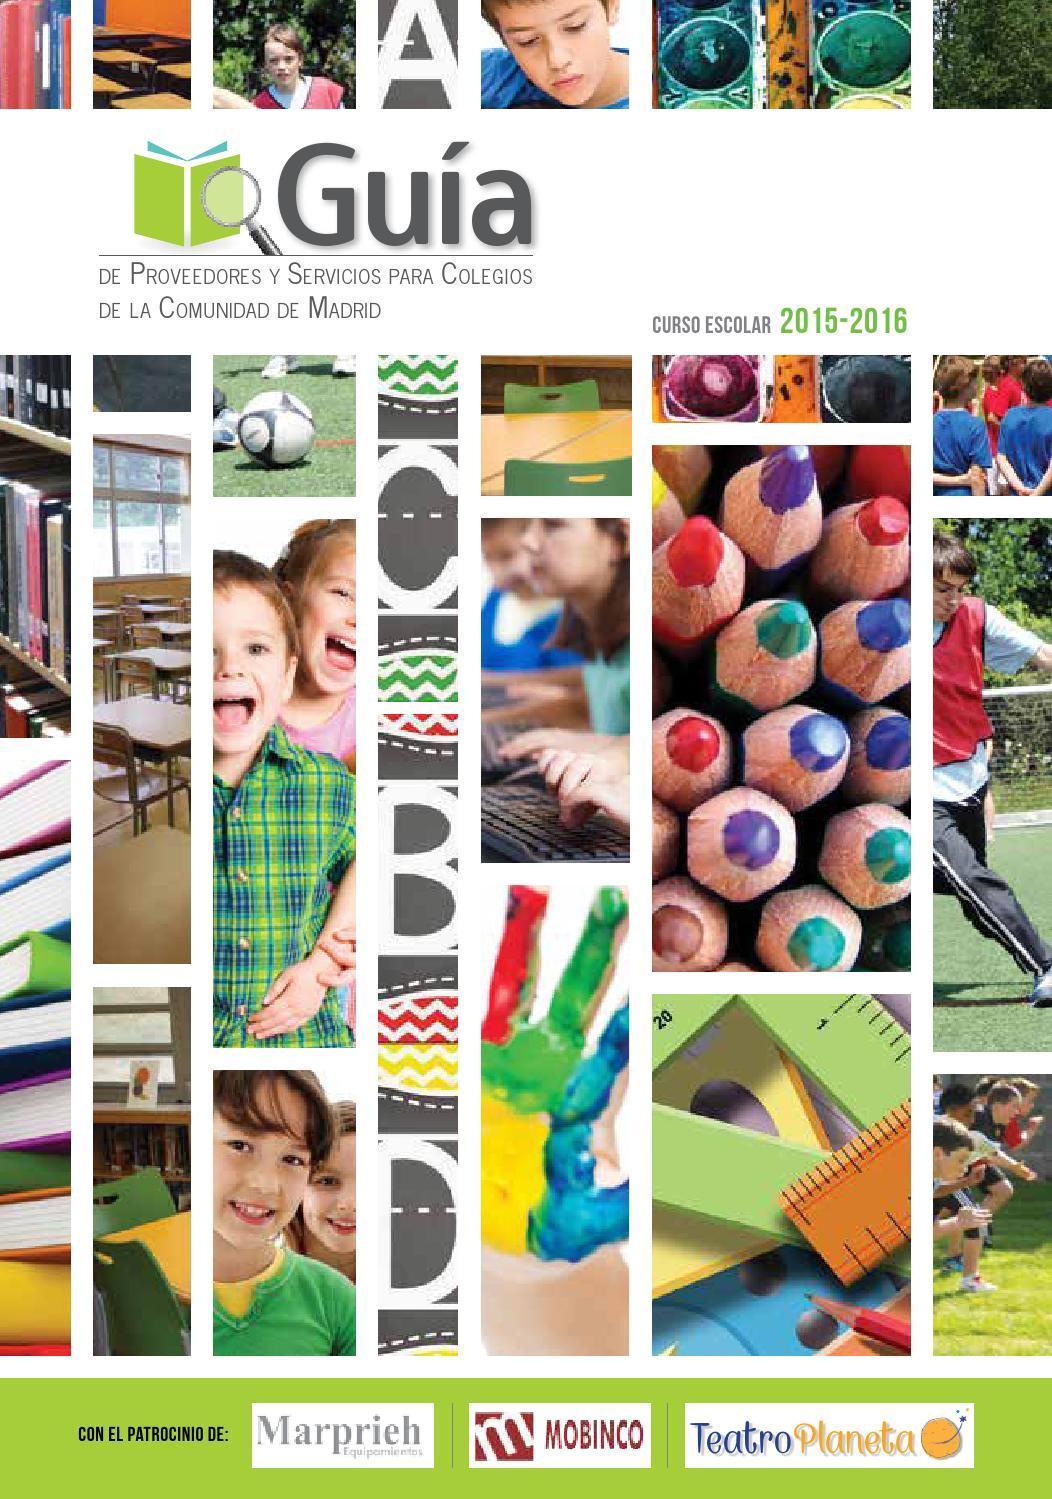 Guia de proveedores y servicios para colegios de la Comunidad de Madrid.  2015 16 by Grupo Paidearte - issuu 3001eeeb3757c